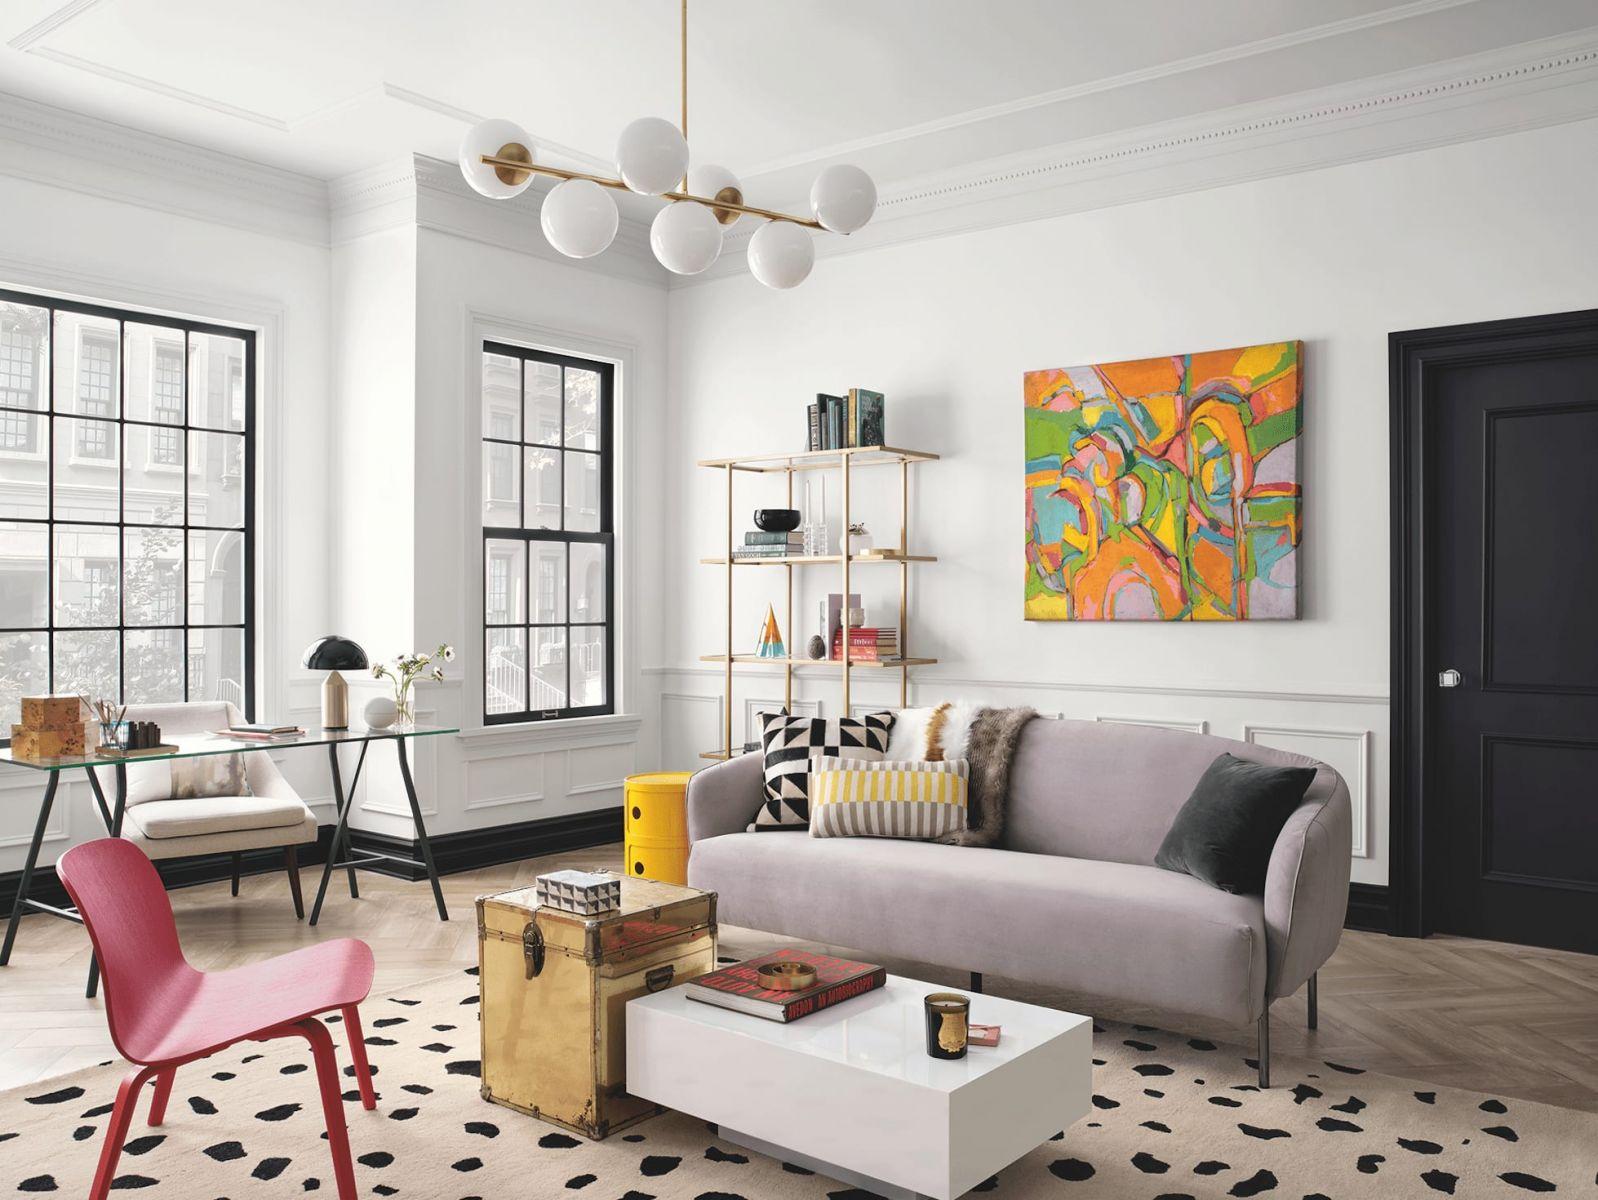 Phối màu nội thất theo sự đối lập giữa màu nóng và màu lạnh.